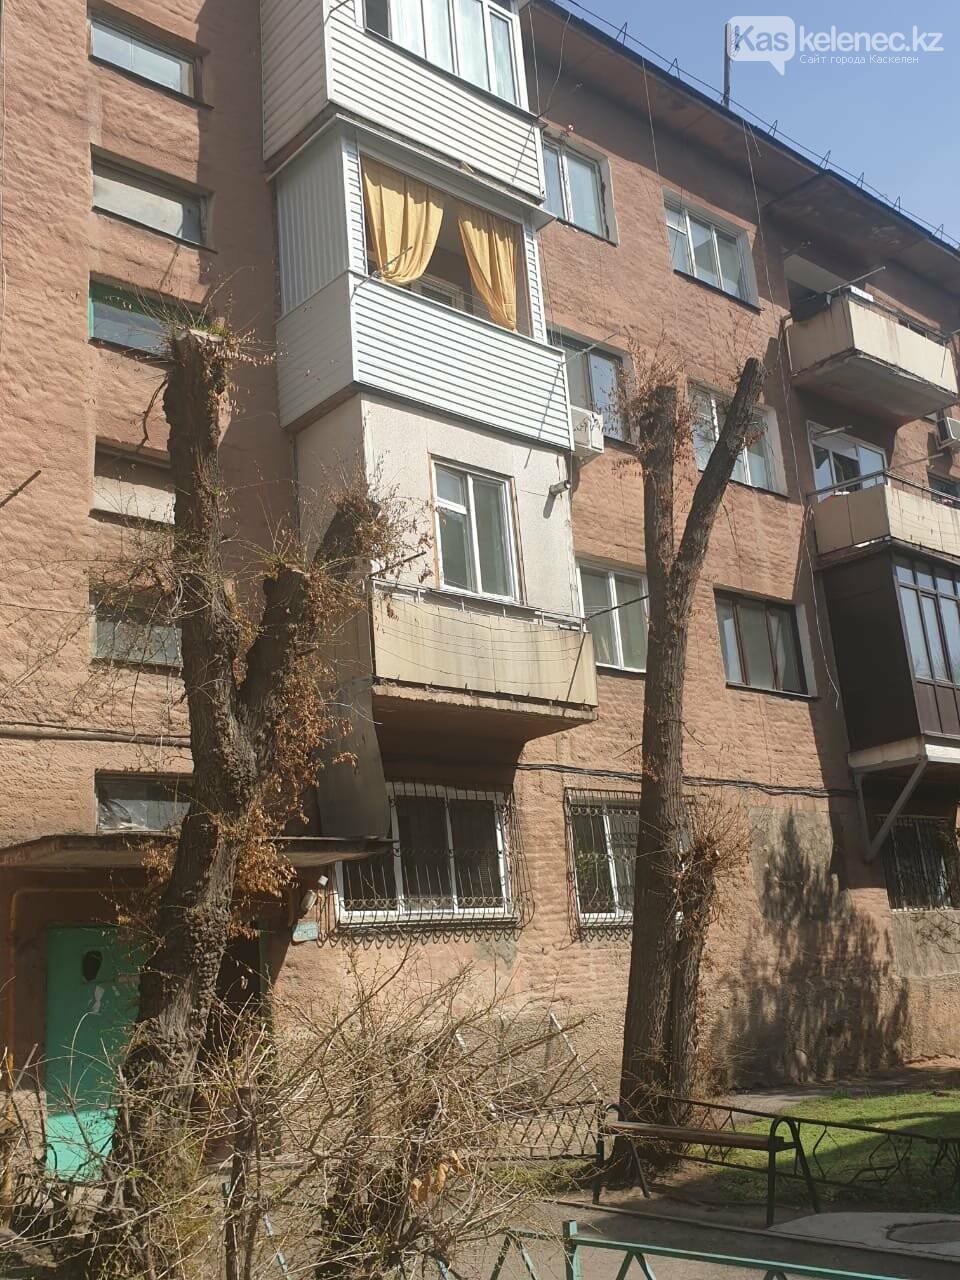 Незеленый Каскелен: почему в городе пилят деревья, фото-3